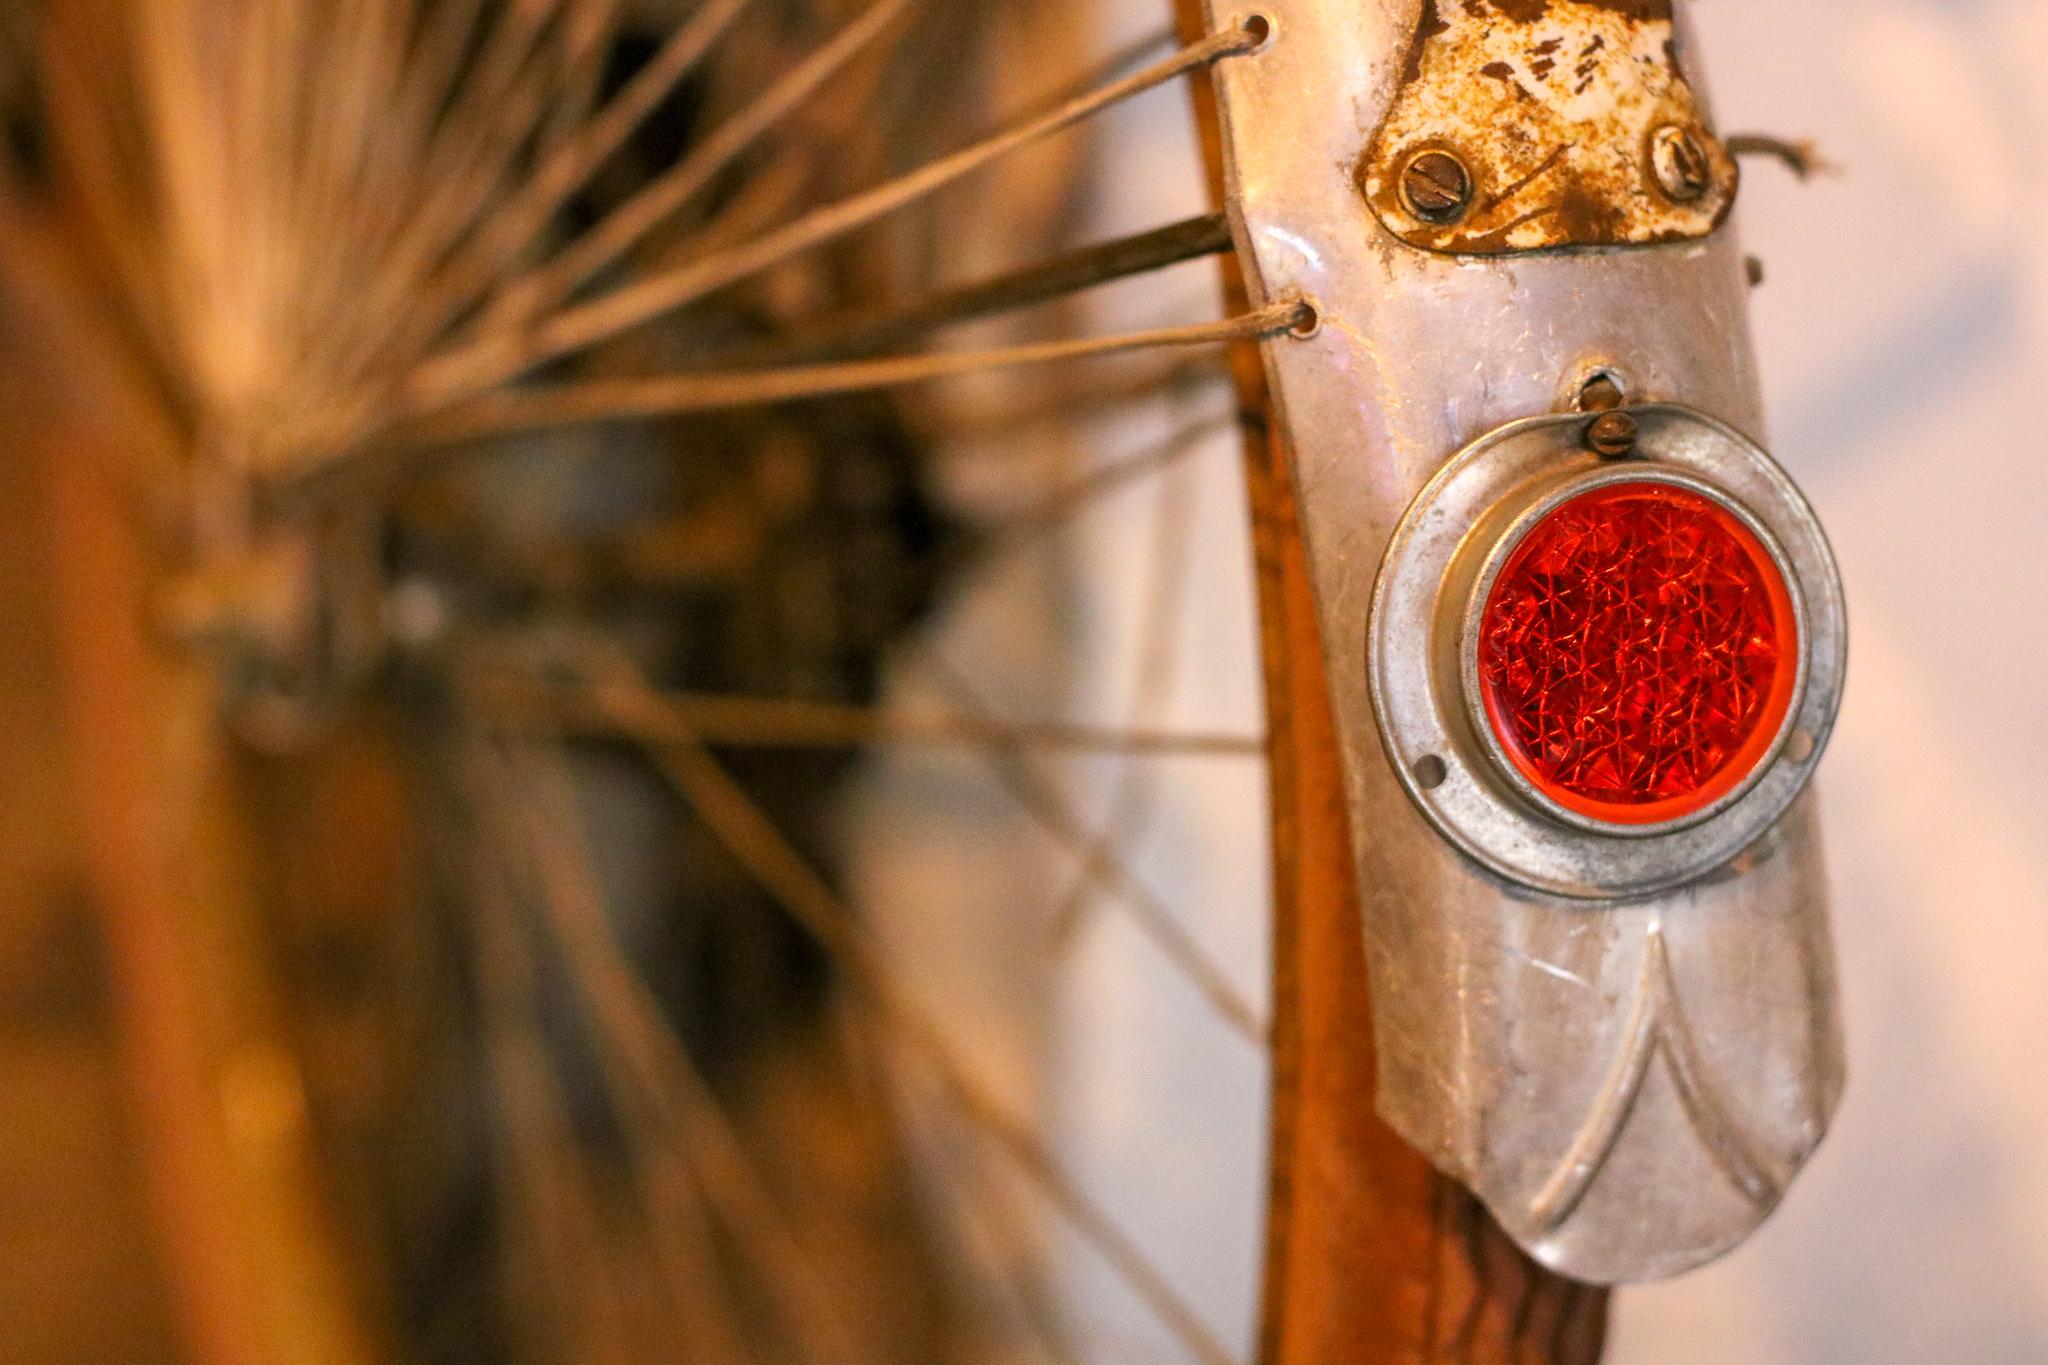 Vintage Rücklicht eines Nostalgiefahrades - Bei uns gibt es immer schöne Fahrräder mit dem Flair der Vergangenheit.